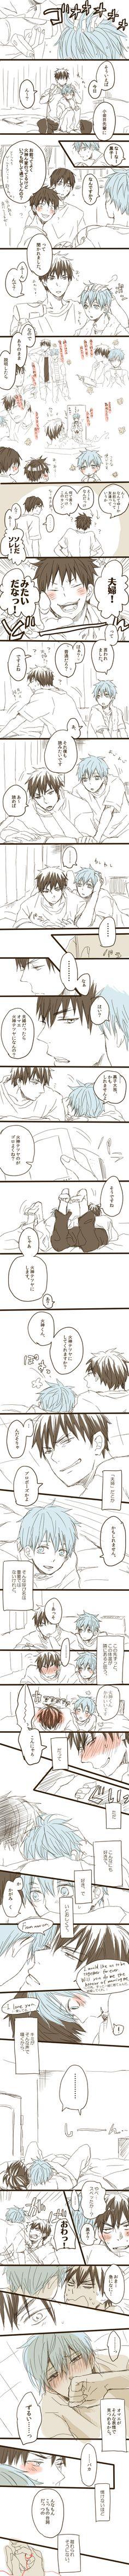 「【黒バス/火黒】11/22」/「トヲル」のイラスト [pixiv]